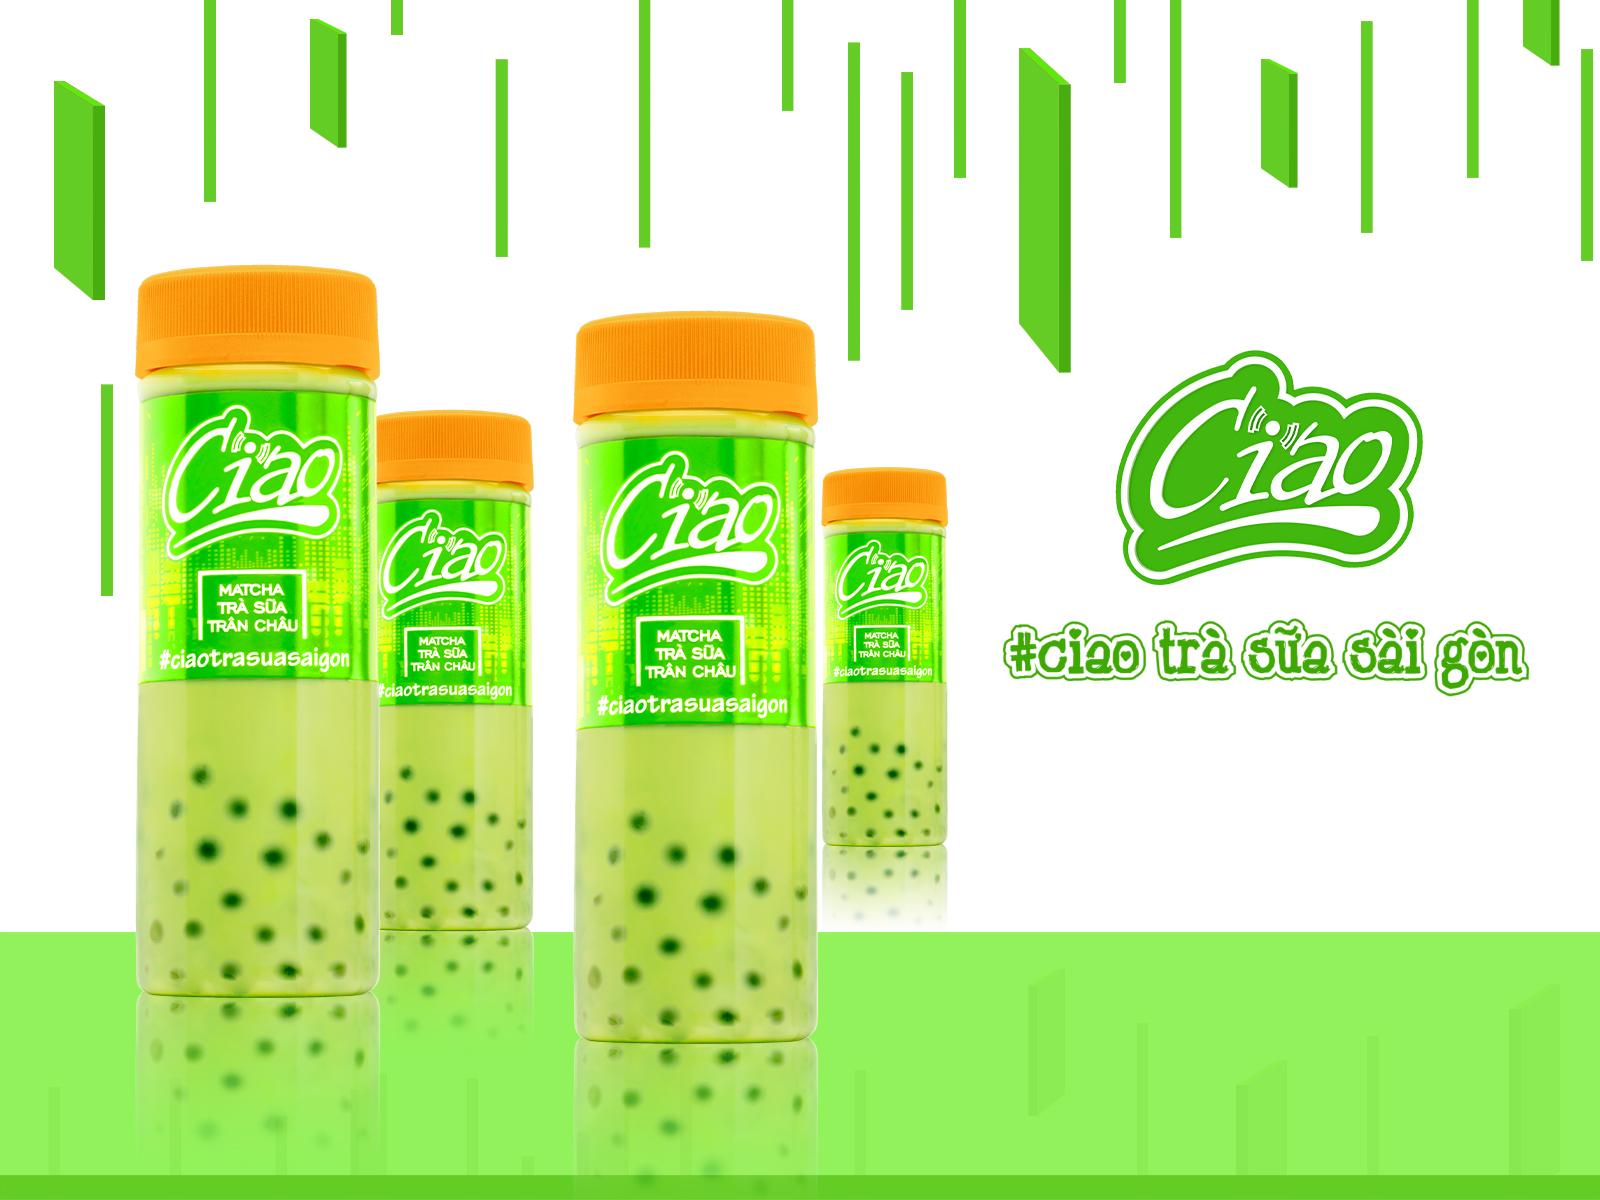 Matcha-Ciao-Trà-Sữa-Sài-Gòn-01